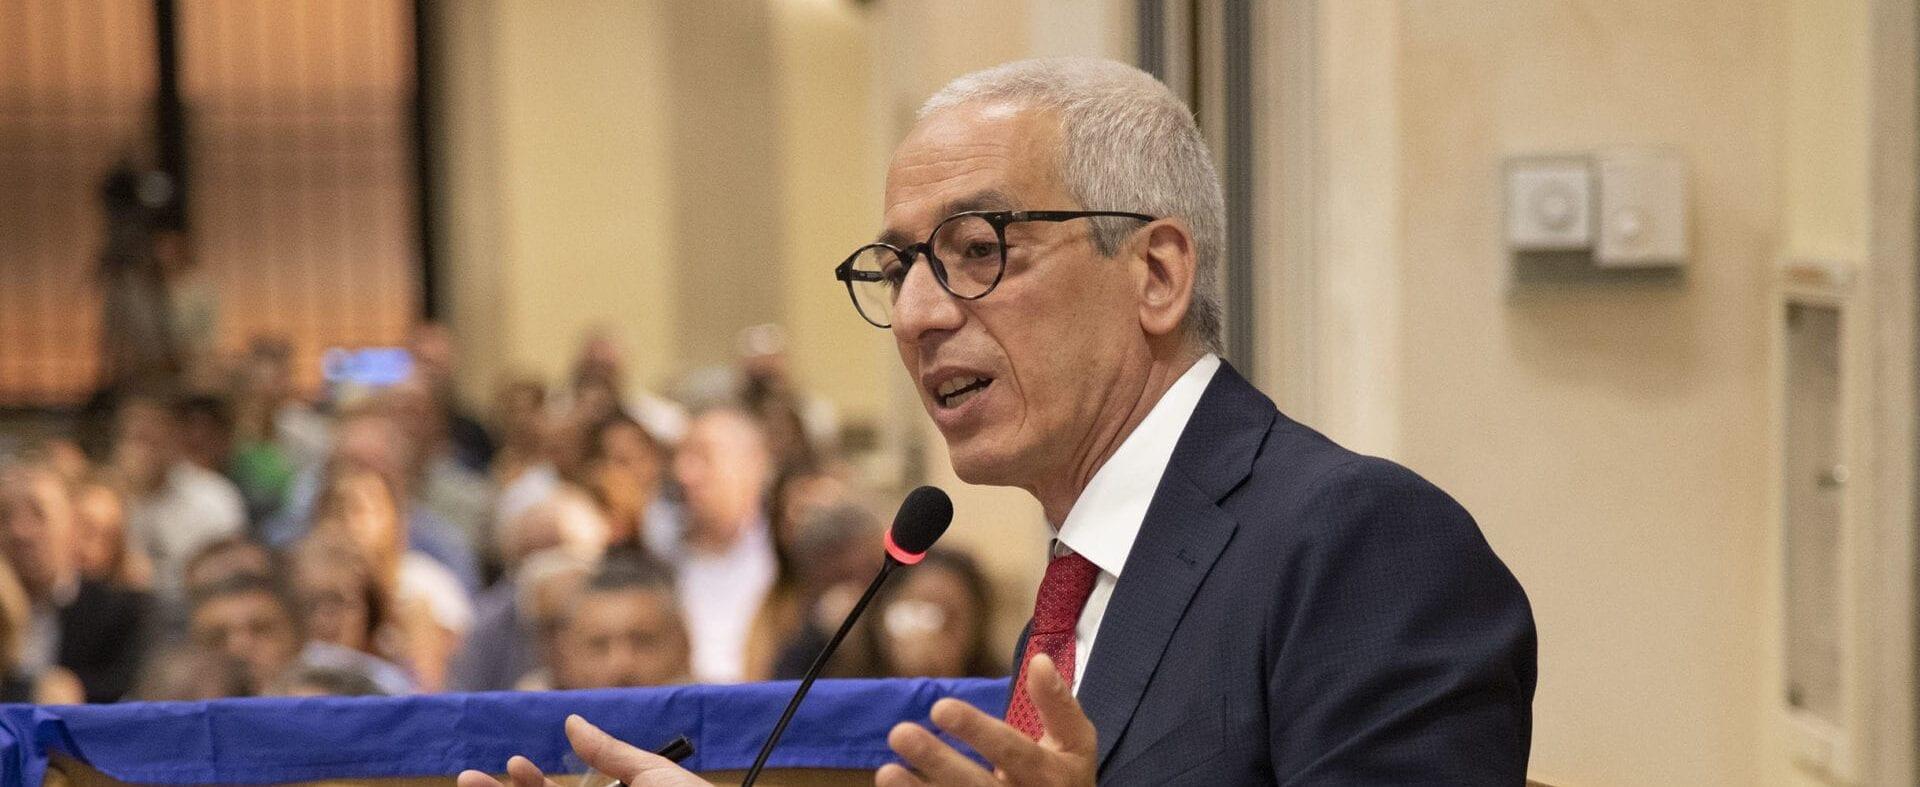 Copertina dell'articolo: Cresce la povertà assoluta: il commento del Segretario Generale, Francesco Cavallaro